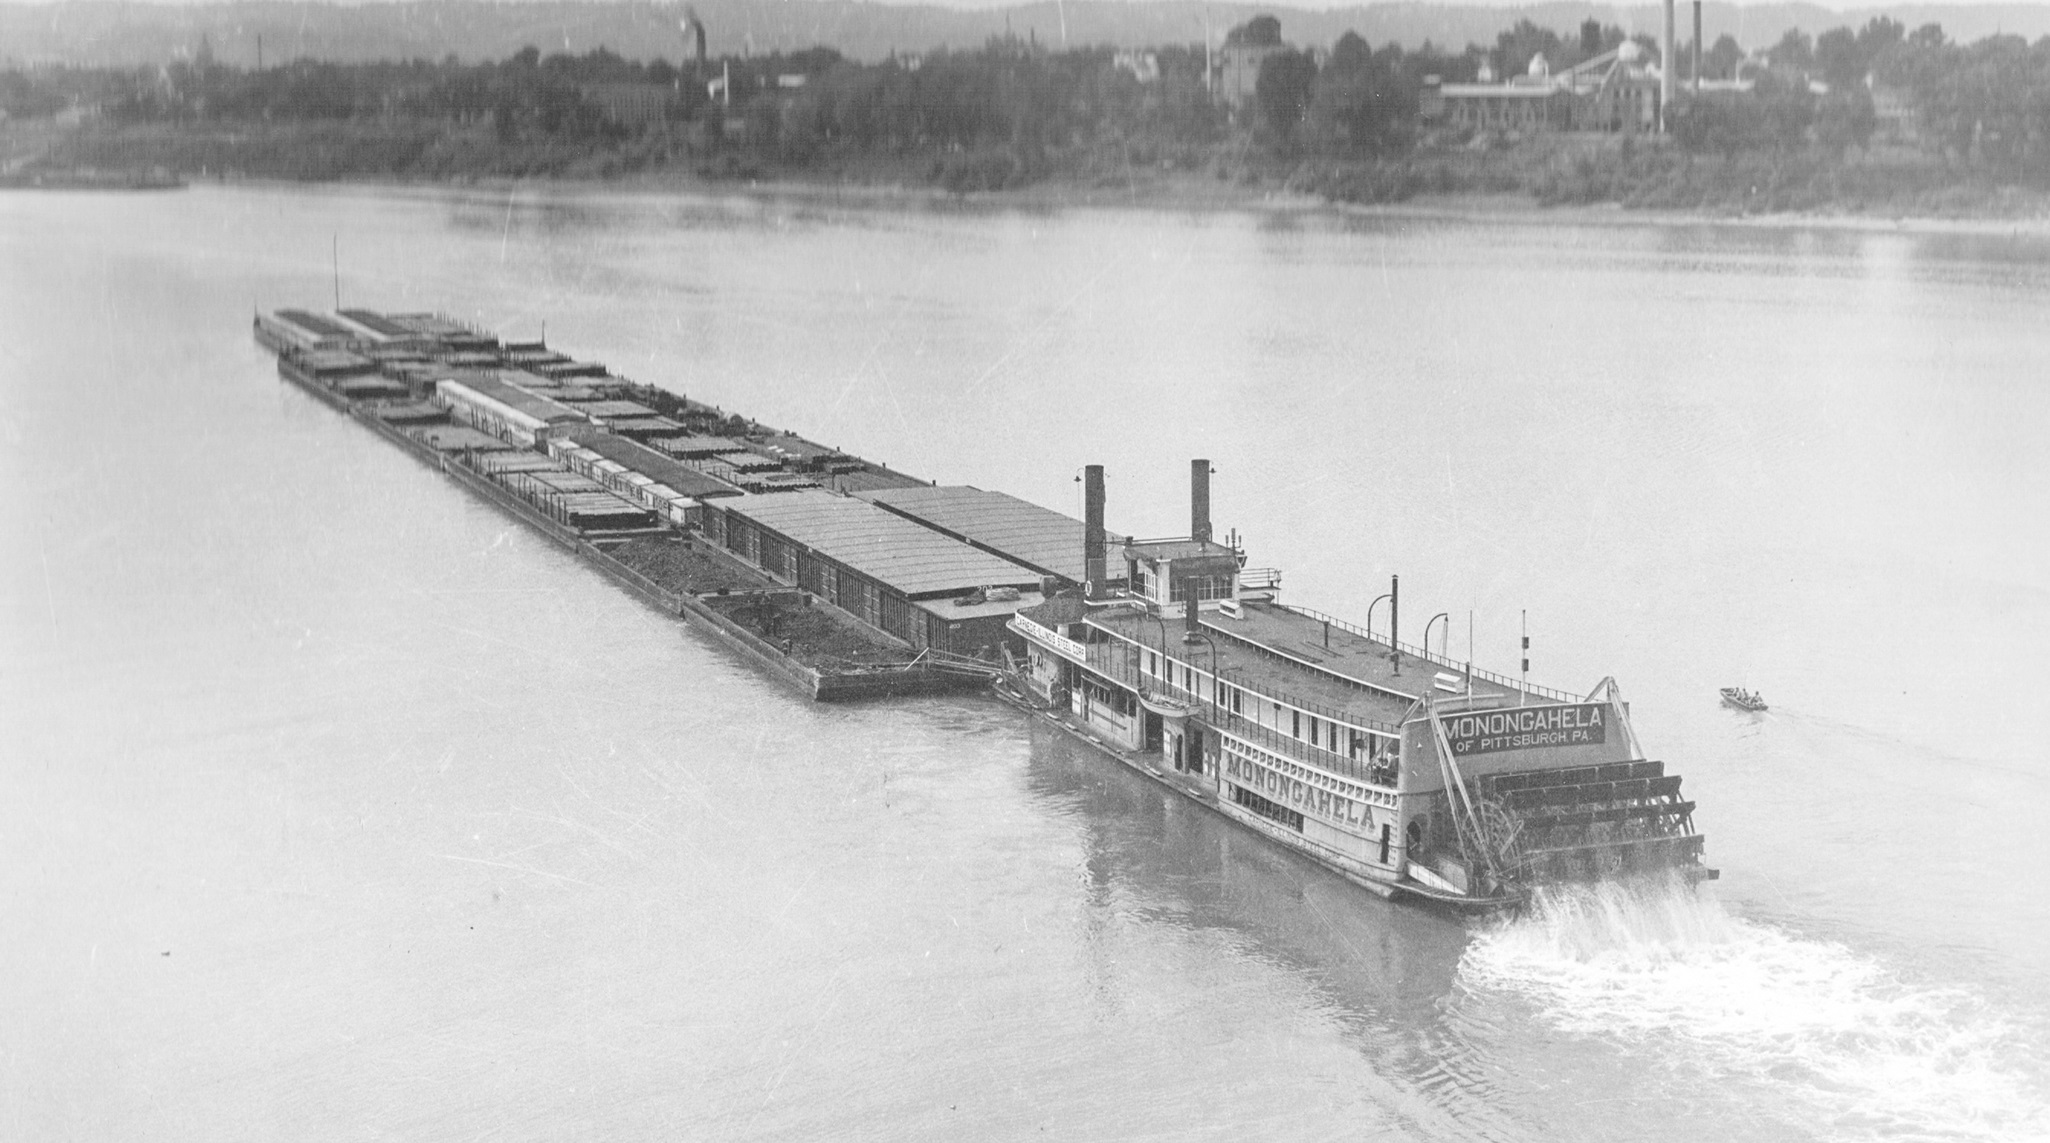 The Steam Towboat Monongahela